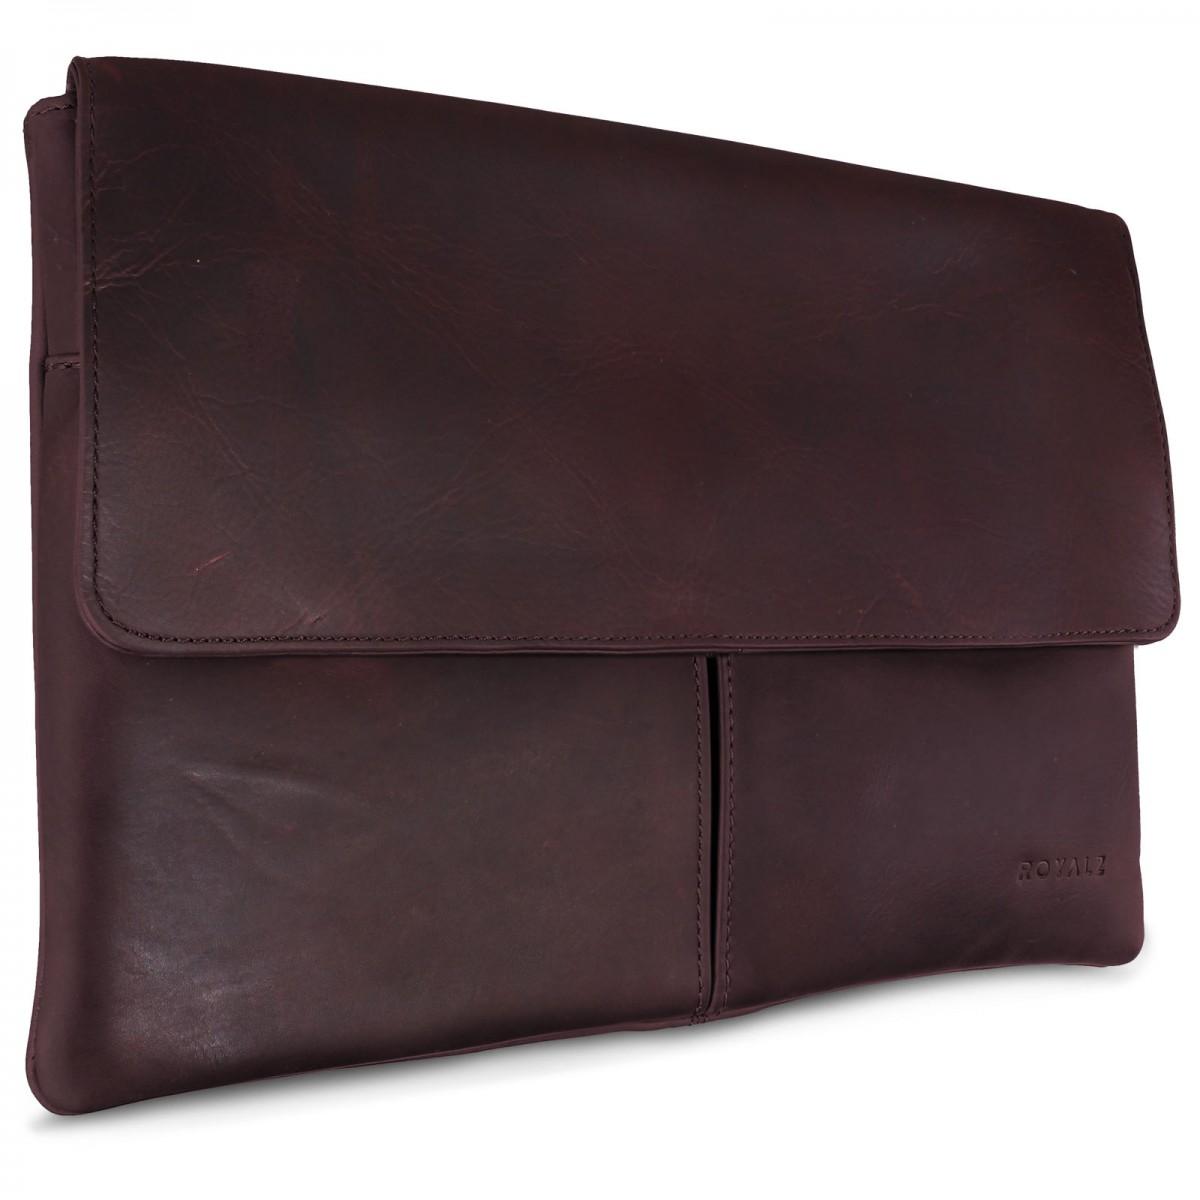 royalz leder tasche f r lenovo miix 510 ledertasche ohne. Black Bedroom Furniture Sets. Home Design Ideas